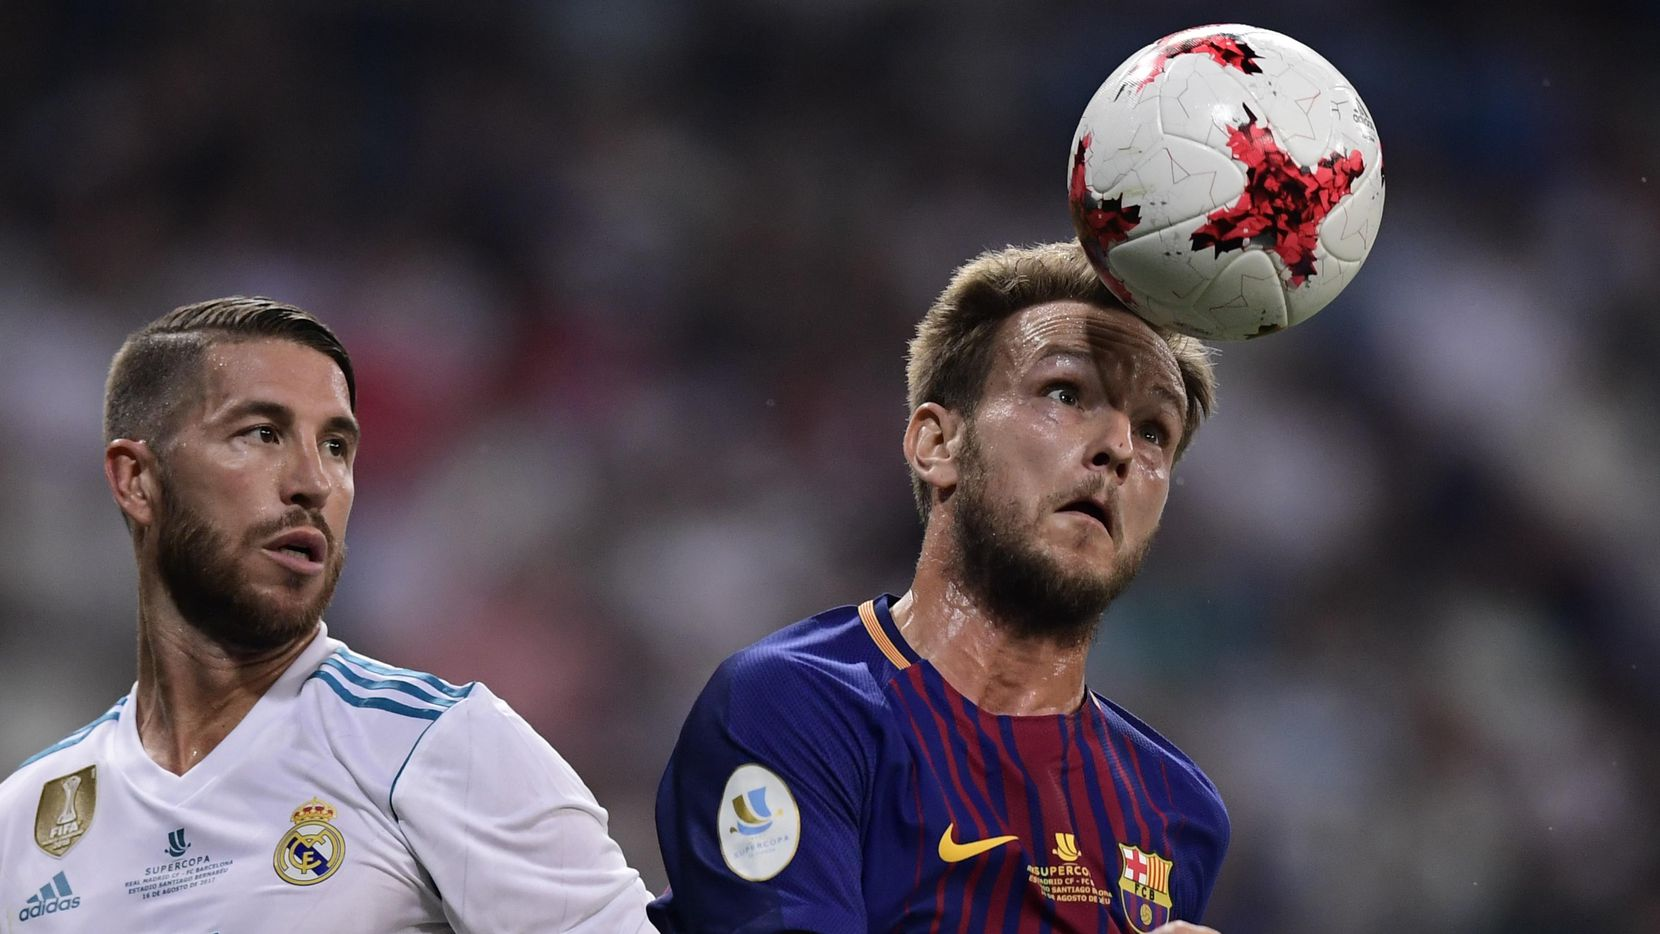 El mediocampista del Barcelona, el croata Ivan Rakitic (der.), cabecea el balón ante la presión del capitán del Madrid, Sergio Ramos, en el clásico español del 16 de agosto de 2017 en Madrid.(AFP/Getty Images)